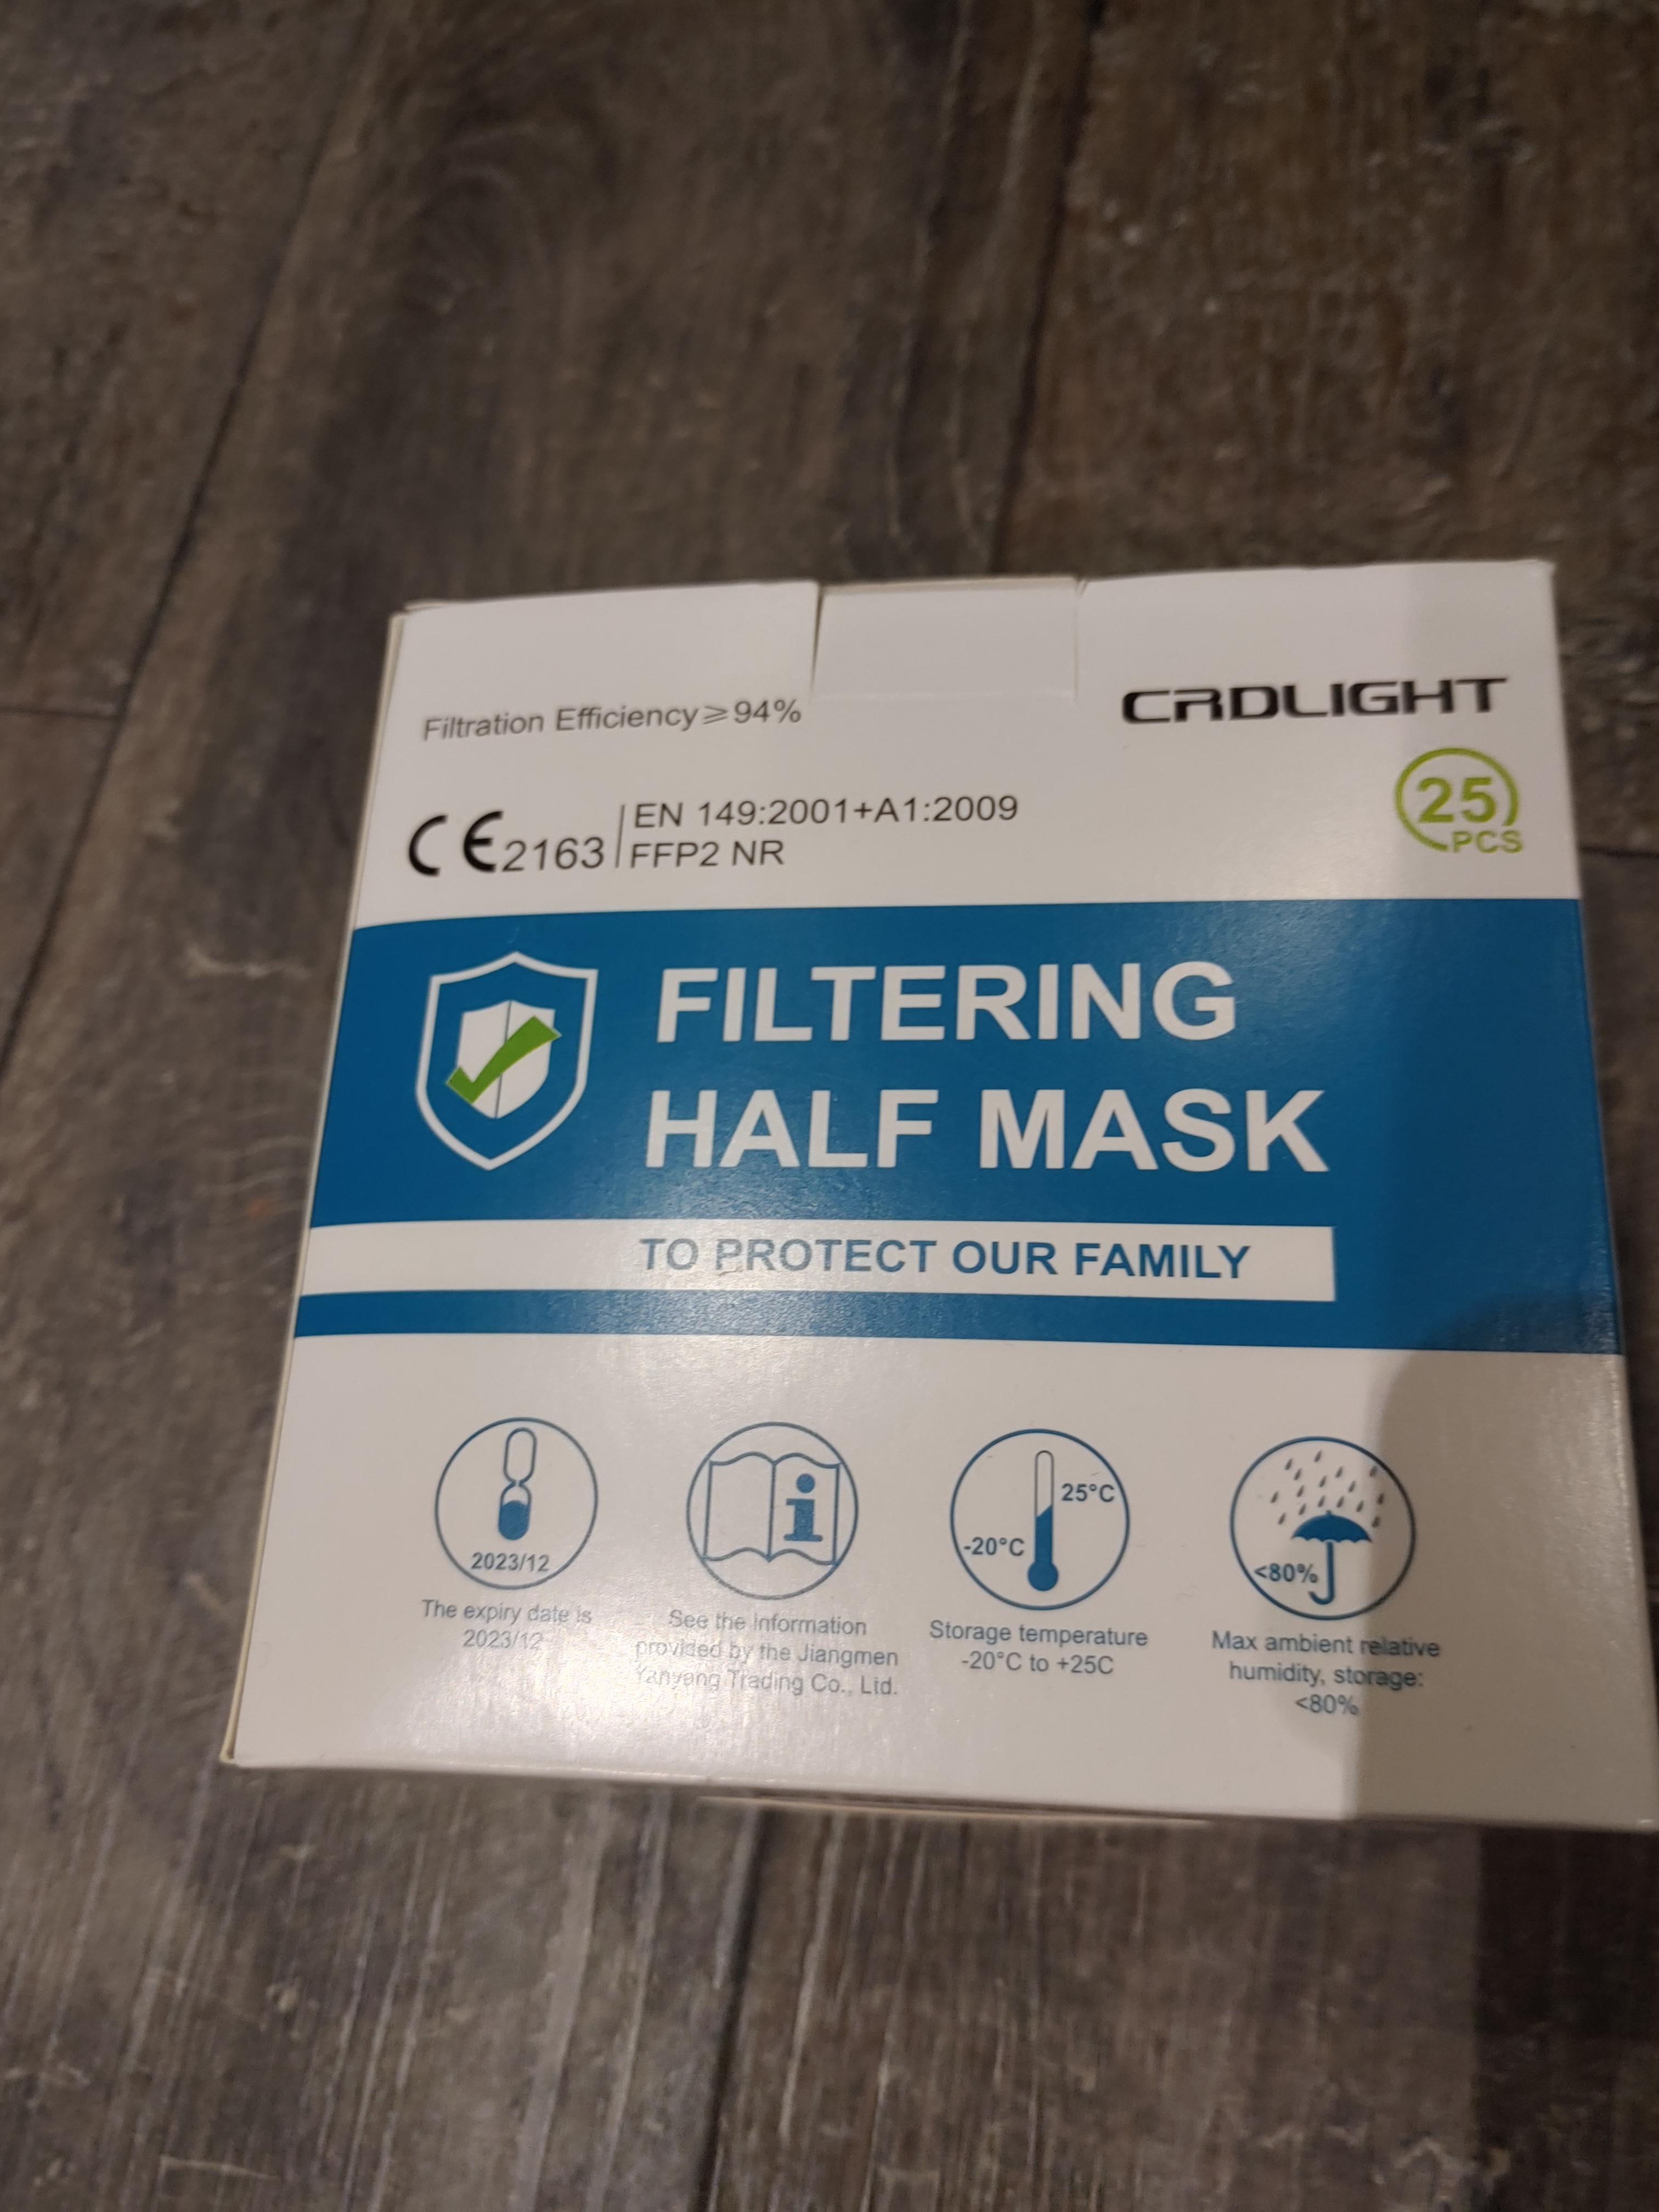 [LOKAL (Unter-)Allgäu] V-Markt - 25 FFP2 Masken von CRDLIGHT für 14,99€